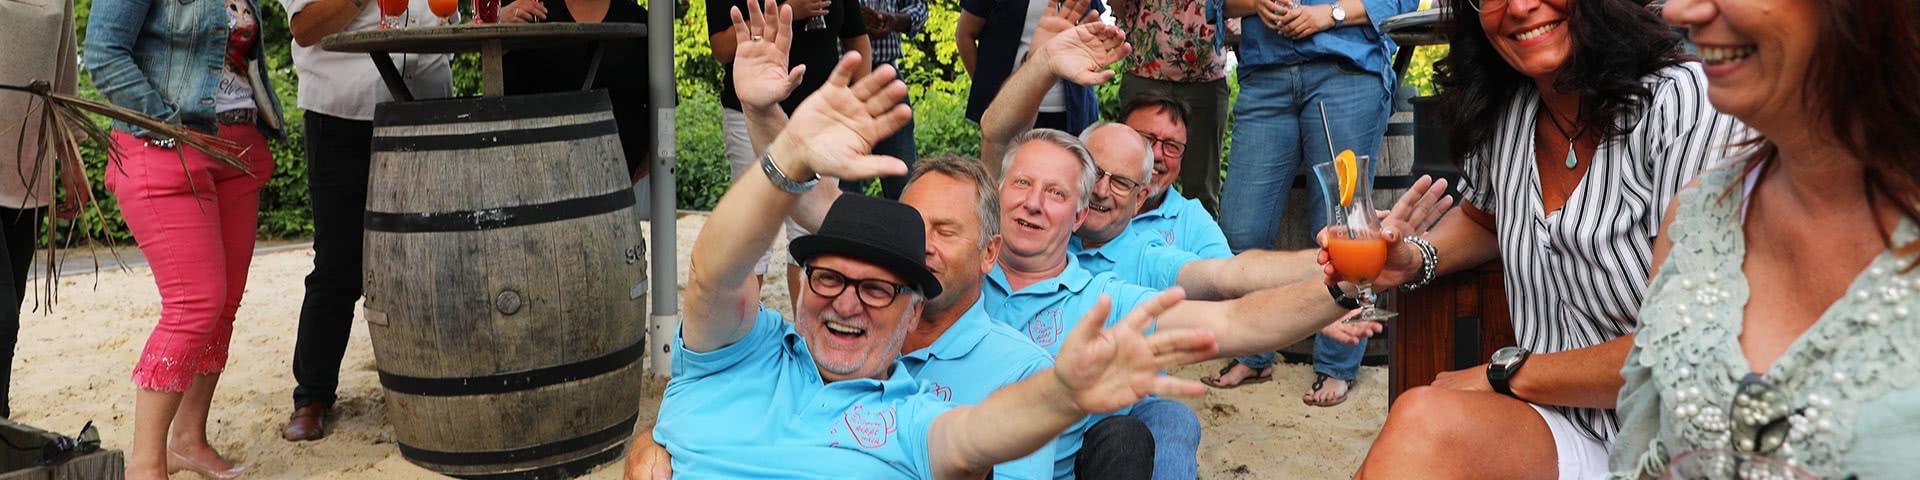 Partystimmung am hoteleigenen Beach in Bielefeld